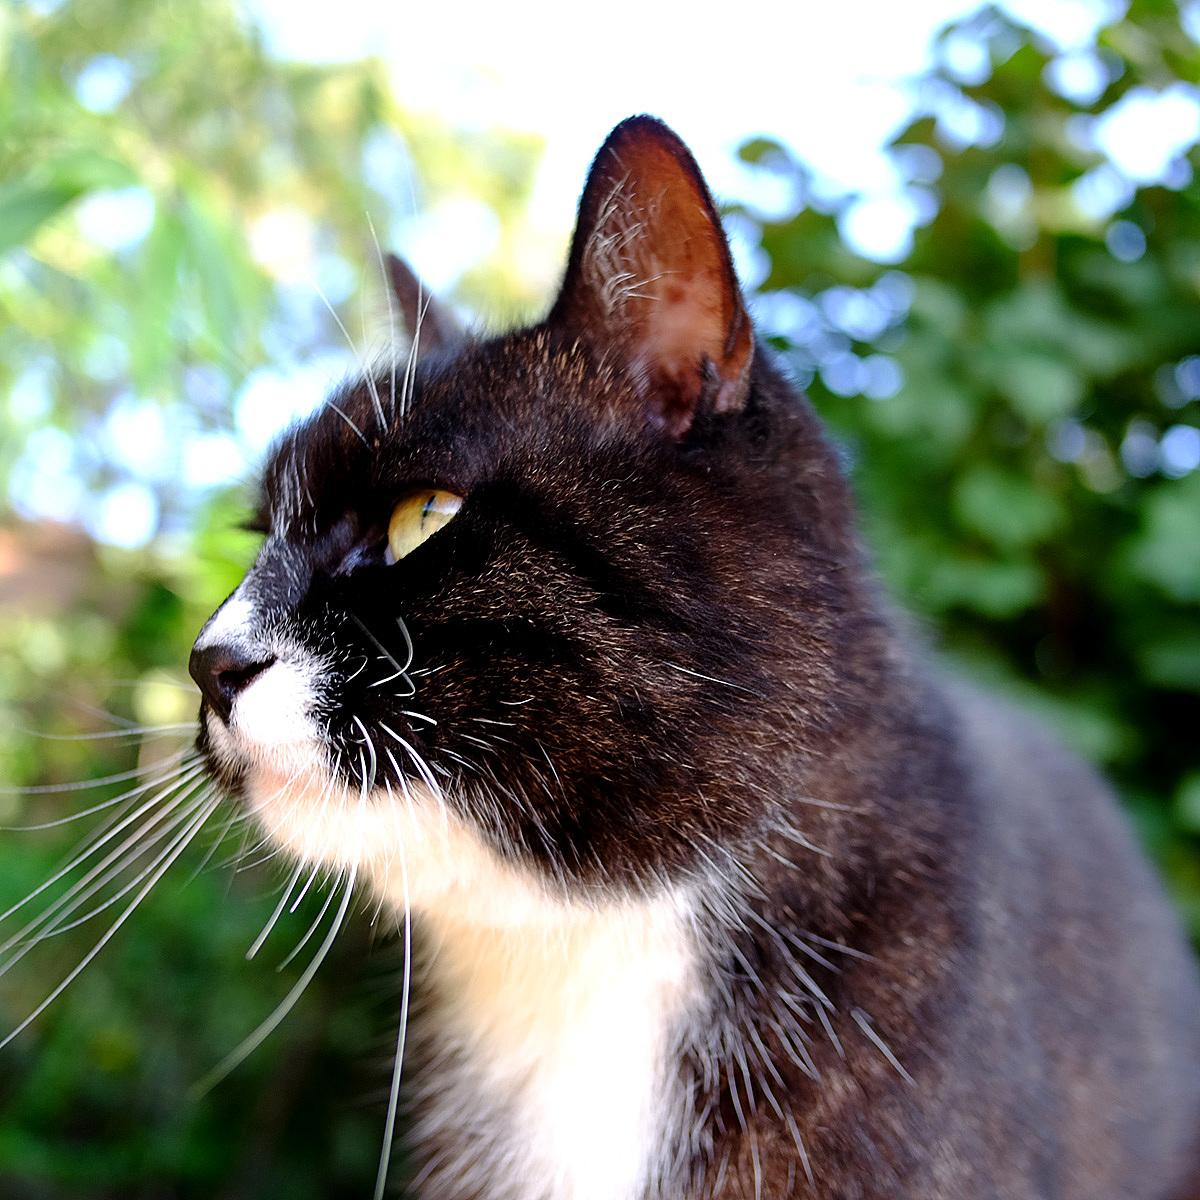 农展馆公园里的小猫|摄影|动物|think - 原创作品